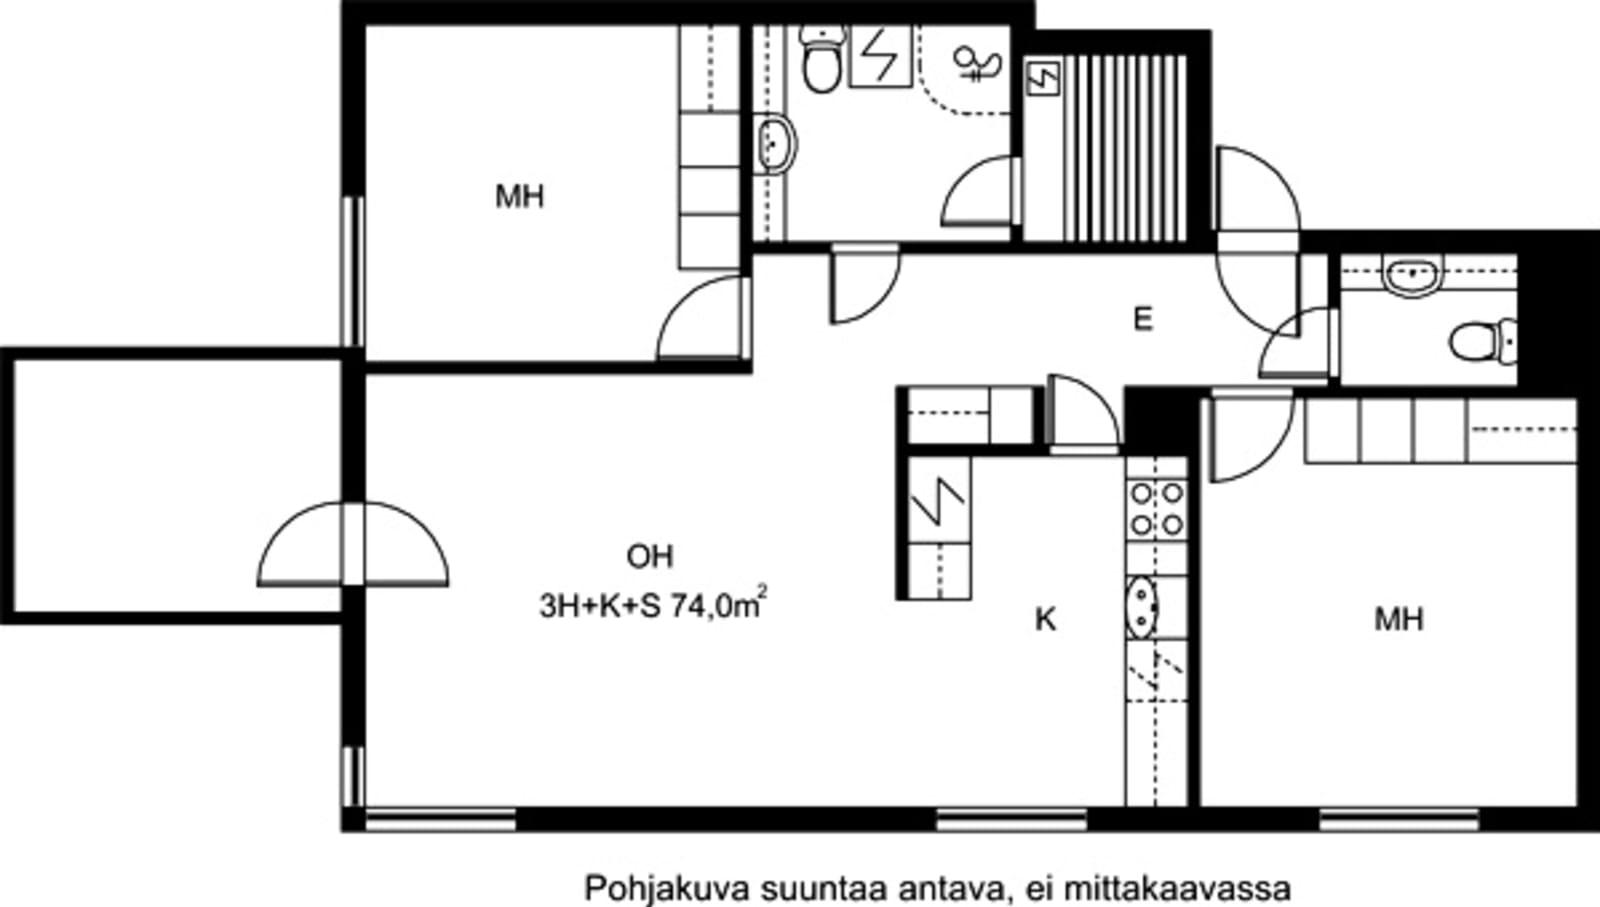 Helsinki, Pitäjänmäki, Piispantie 7 A 003